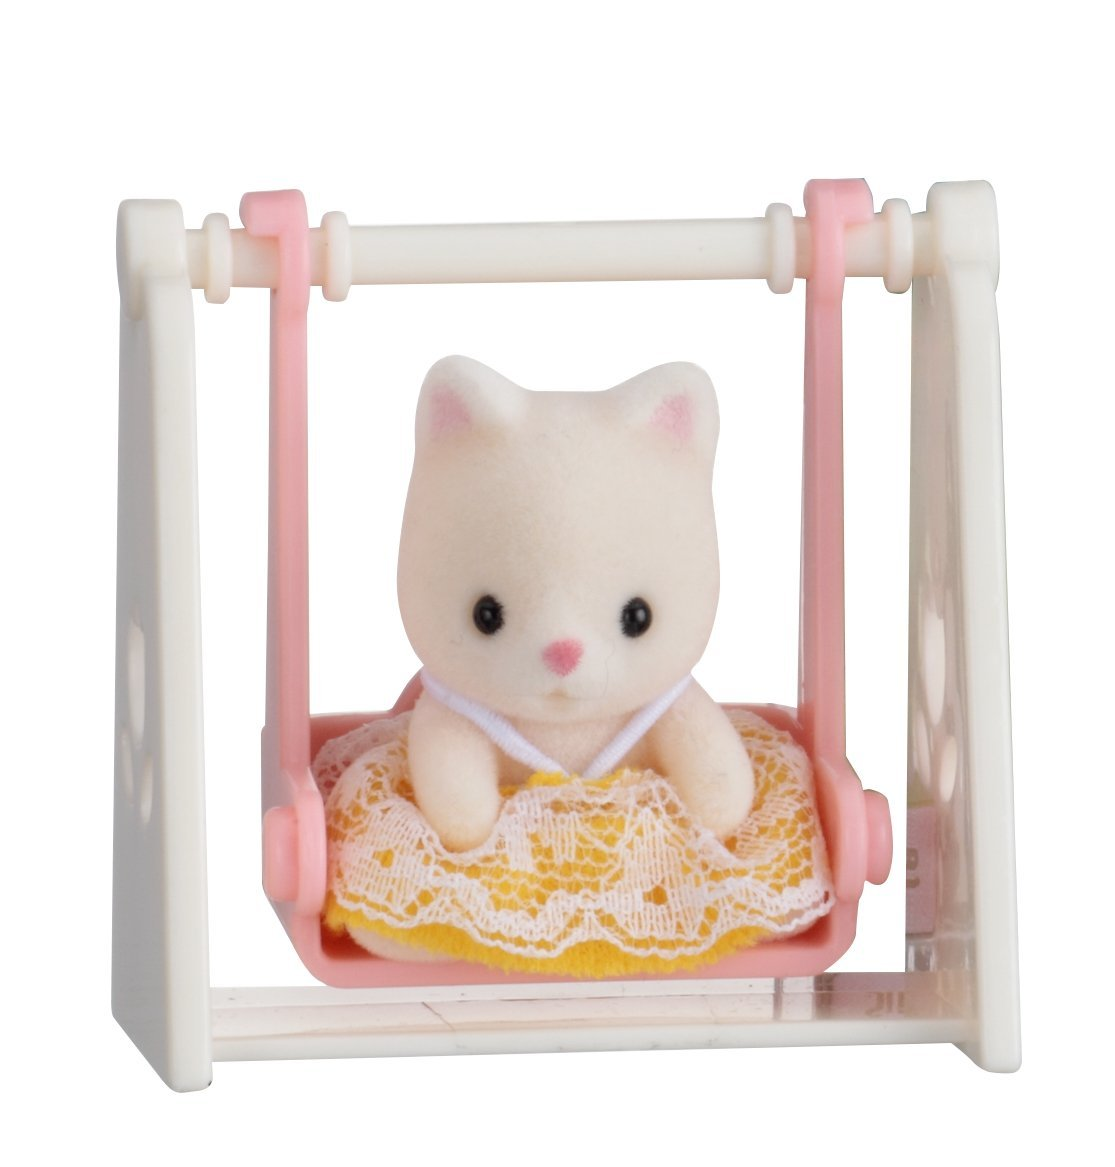 Набор Младенец в пластиковом сундучке  - Кошка на качеляхСемьи и малыши<br>Набор Младенец в пластиковом сундучке  - Кошка на качелях<br>